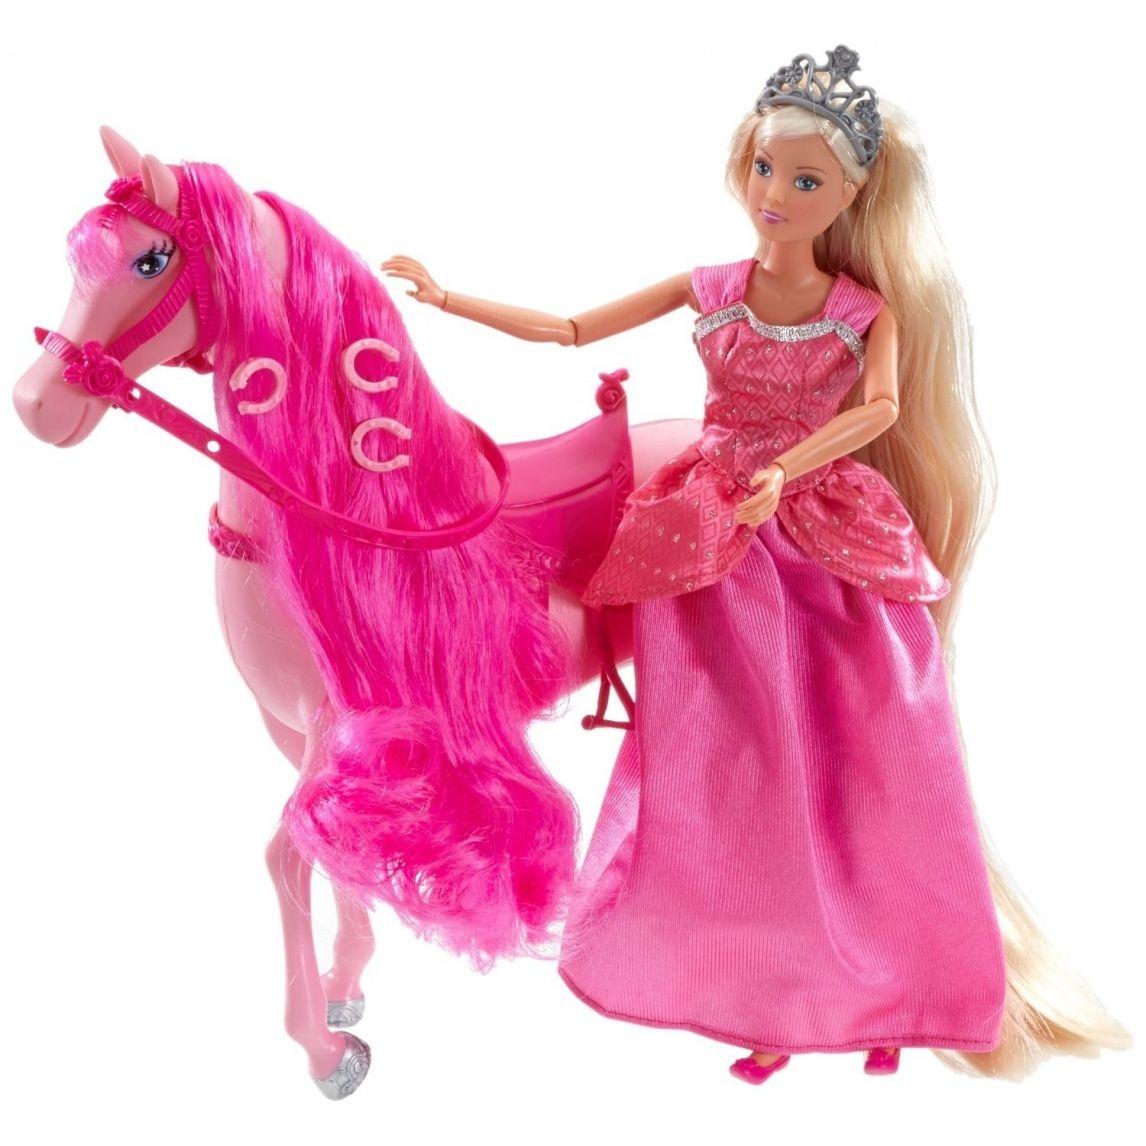 Księżniczka Steffi na koniu